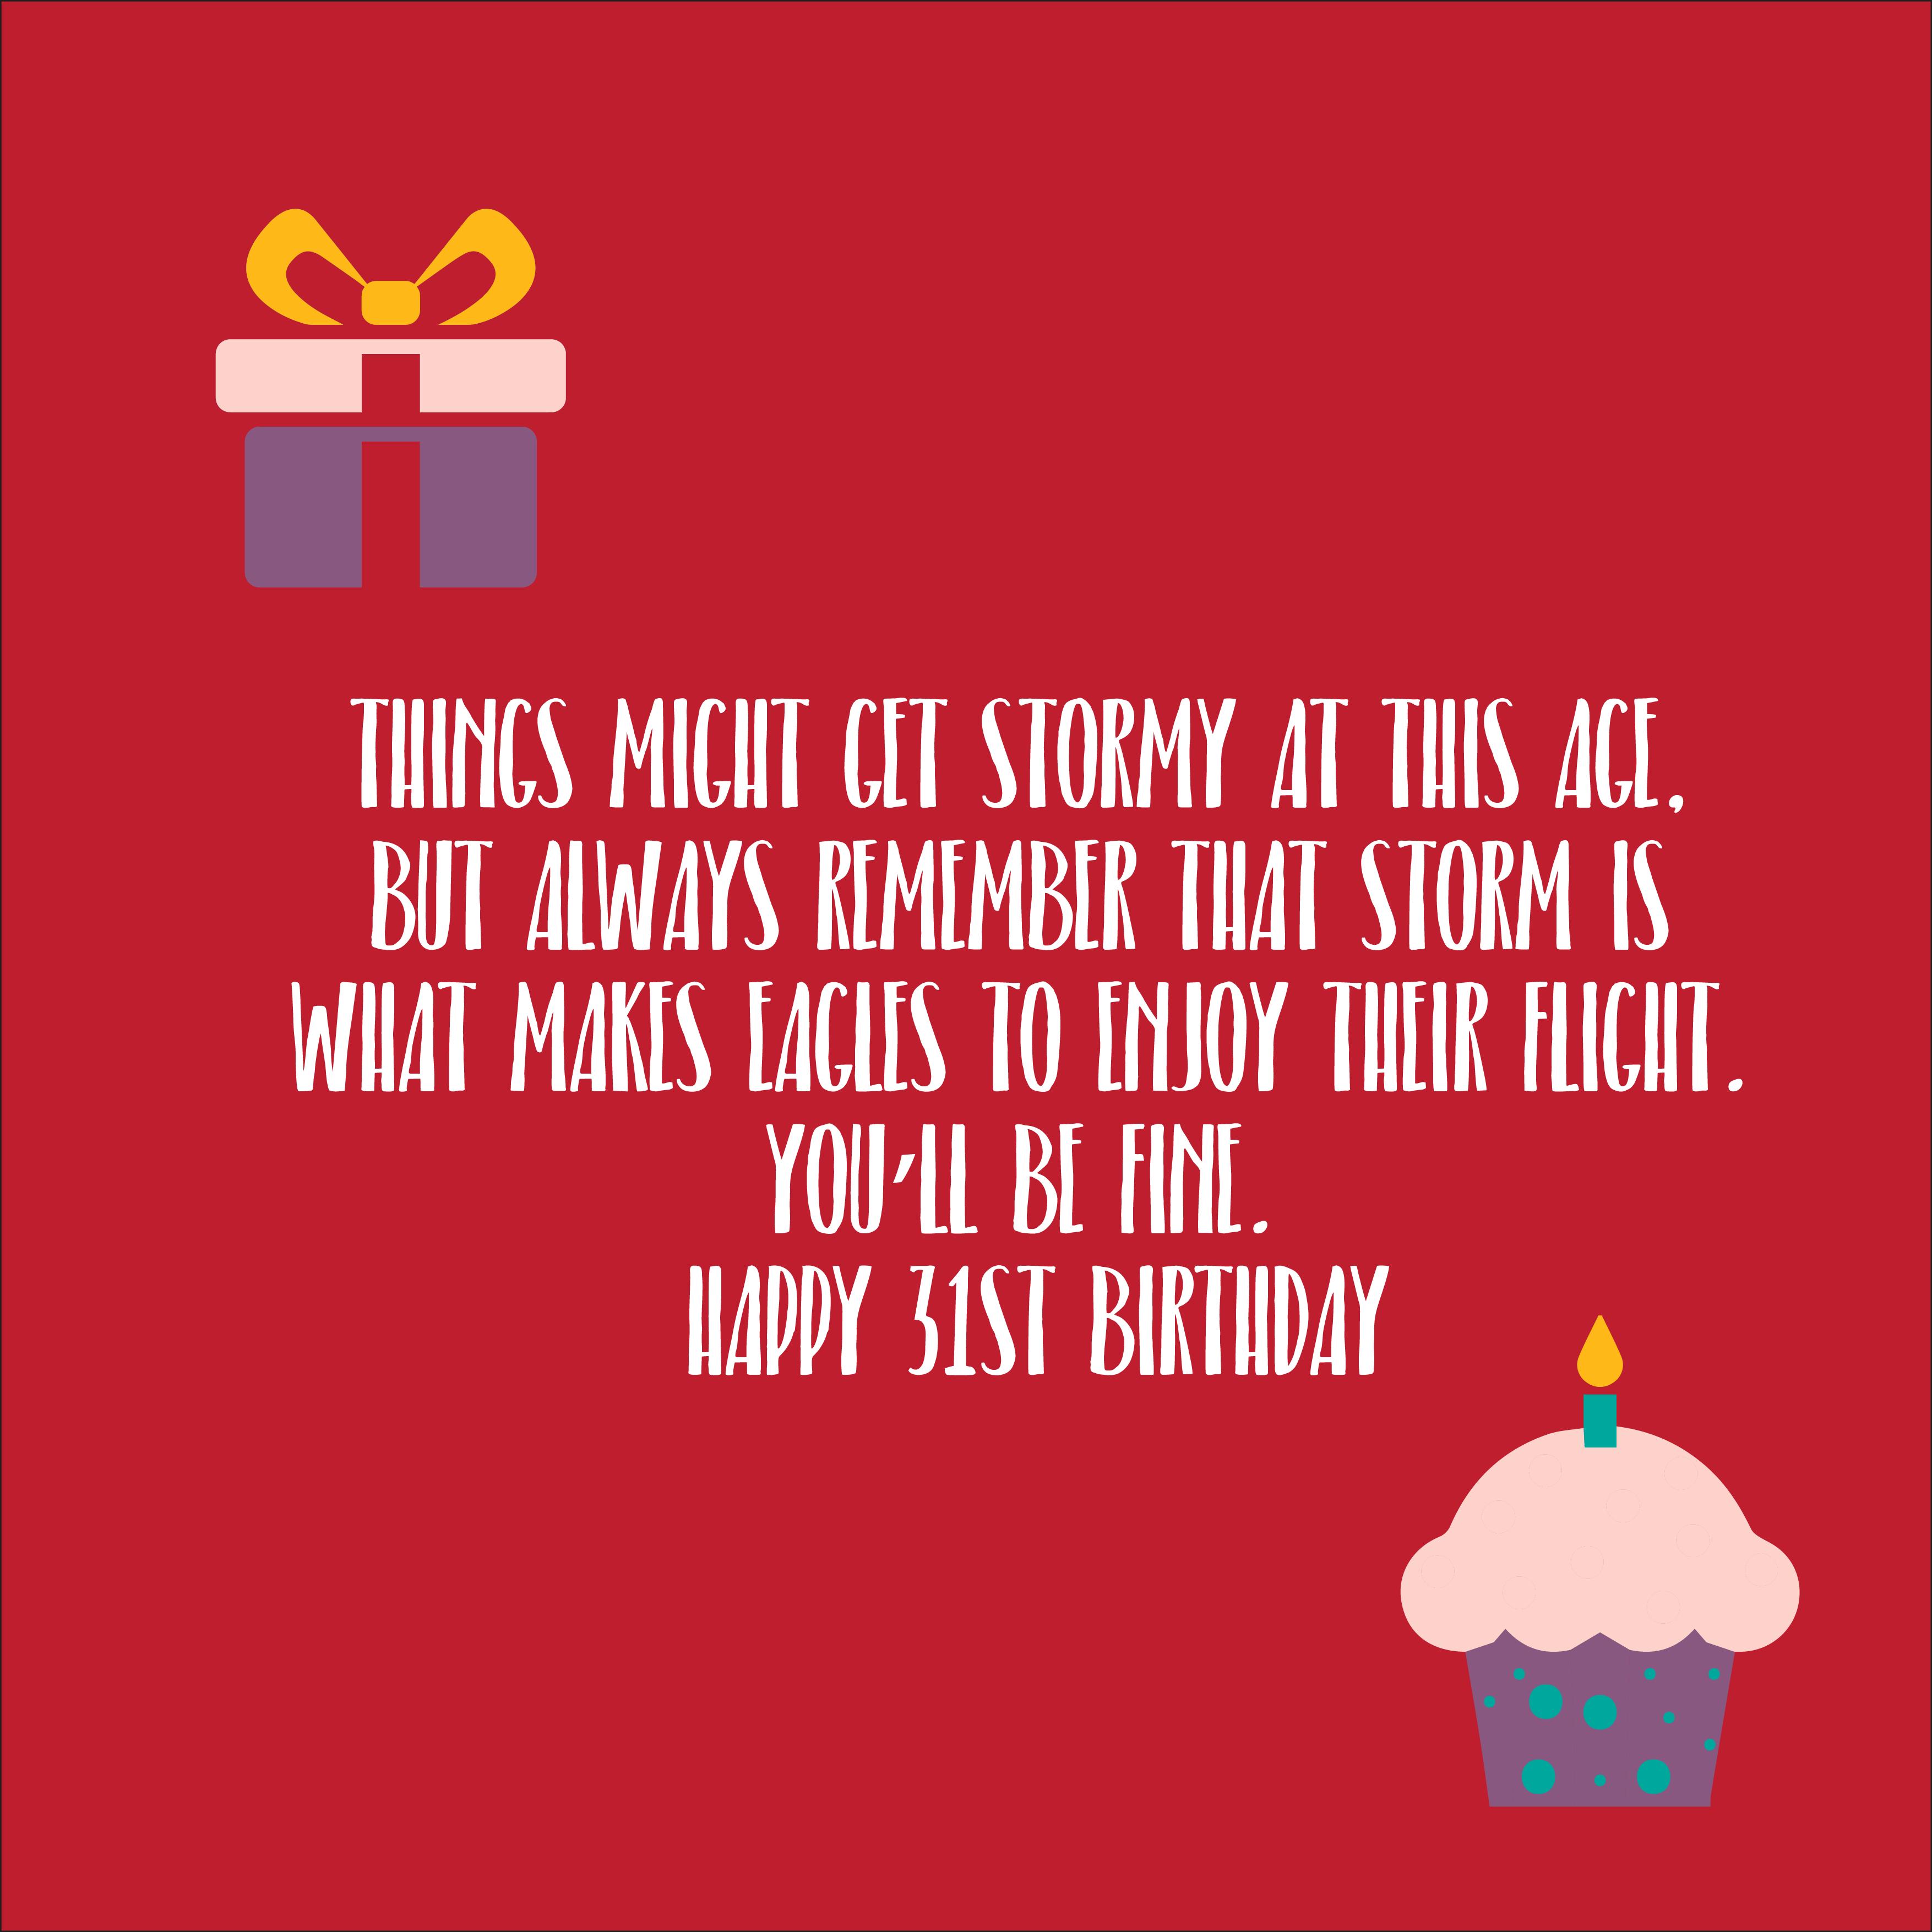 happy-31st-birthday-wishes-03